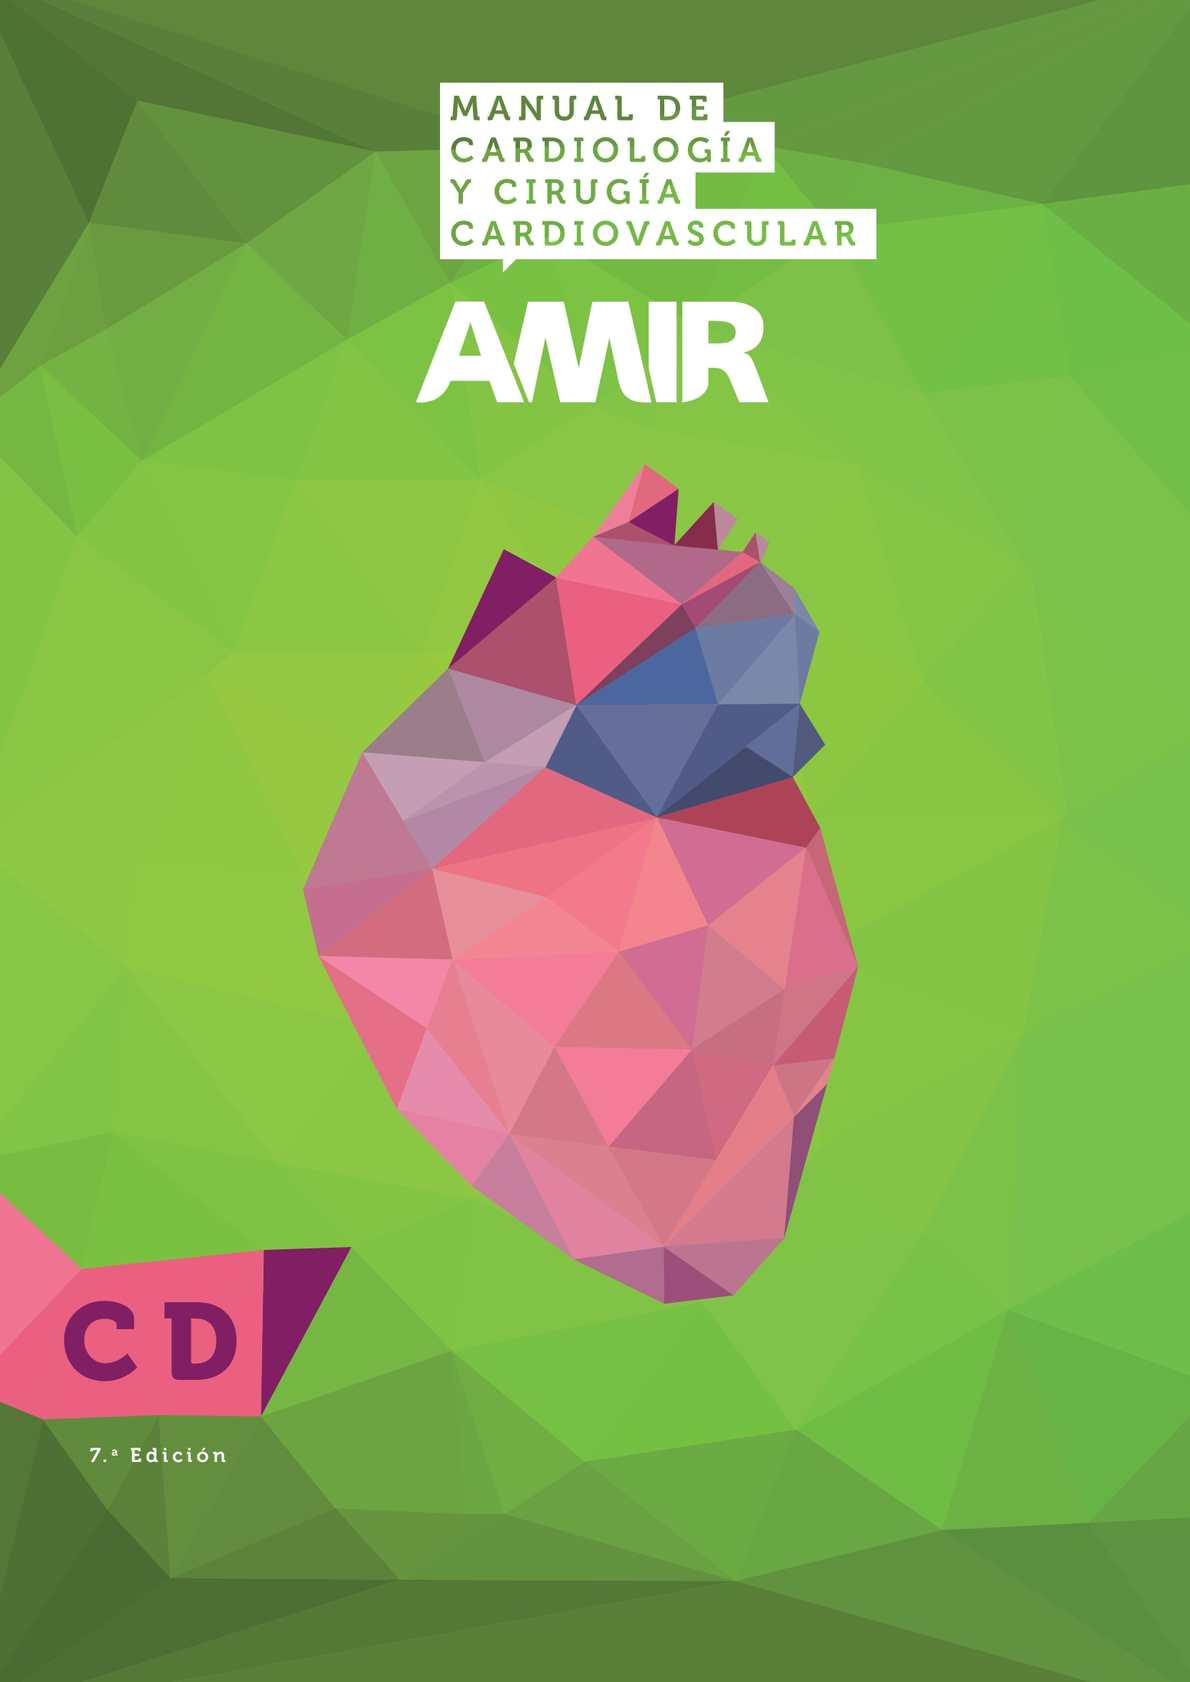 Calaméo - Manuales AMIR 7.ª Edición